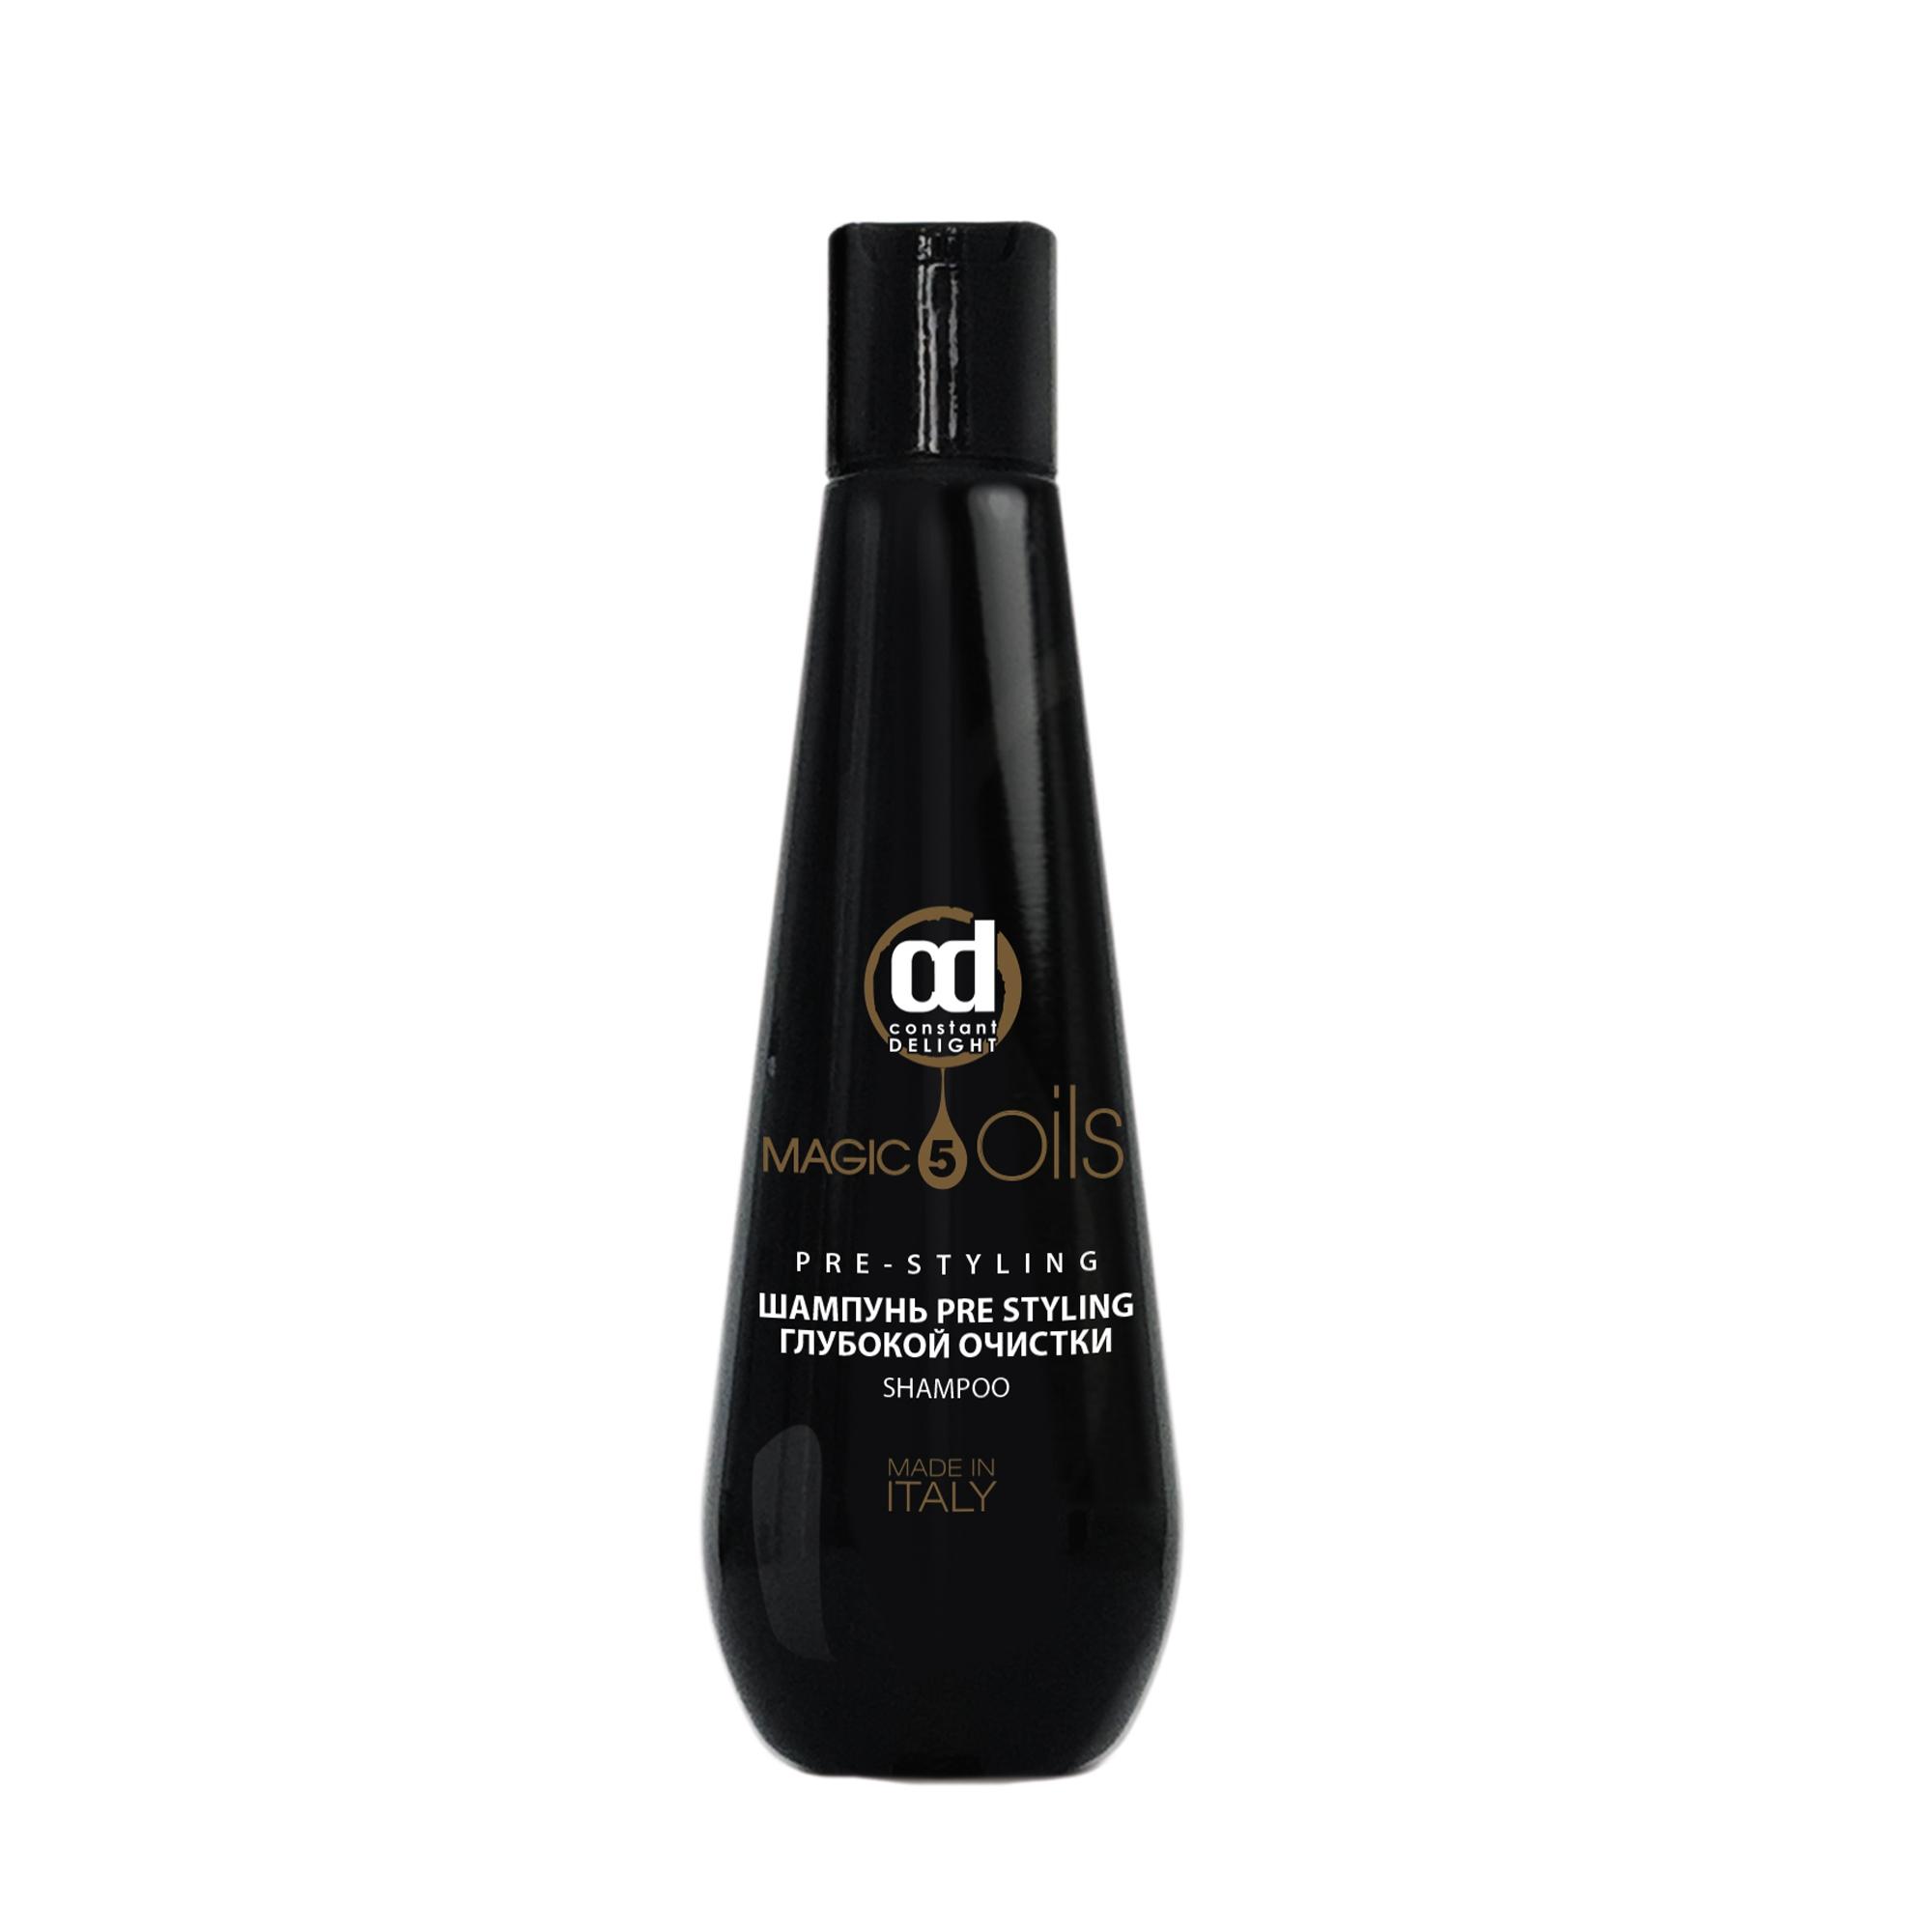 Купить CONSTANT DELIGHT Шампунь глубокой очистки / PRE STYLING 5 Magic Oil 250 мл